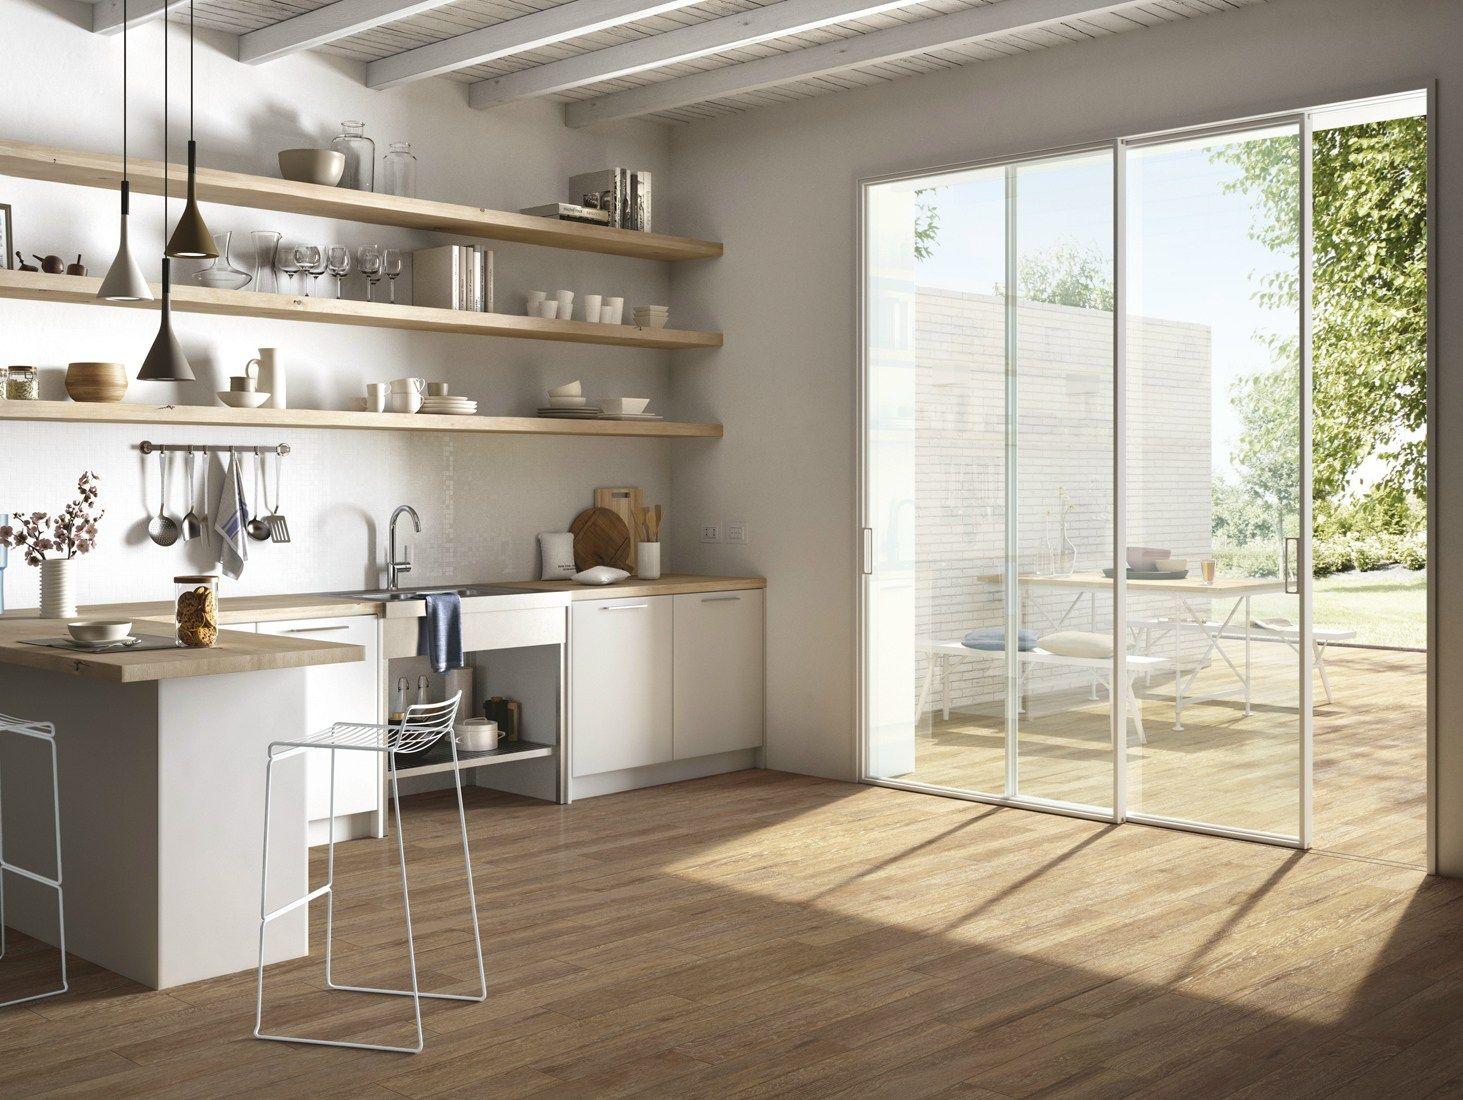 Gres Porcellanato Piastrelle Cucina pavimento in gres porcellanato smaltato effetto legno